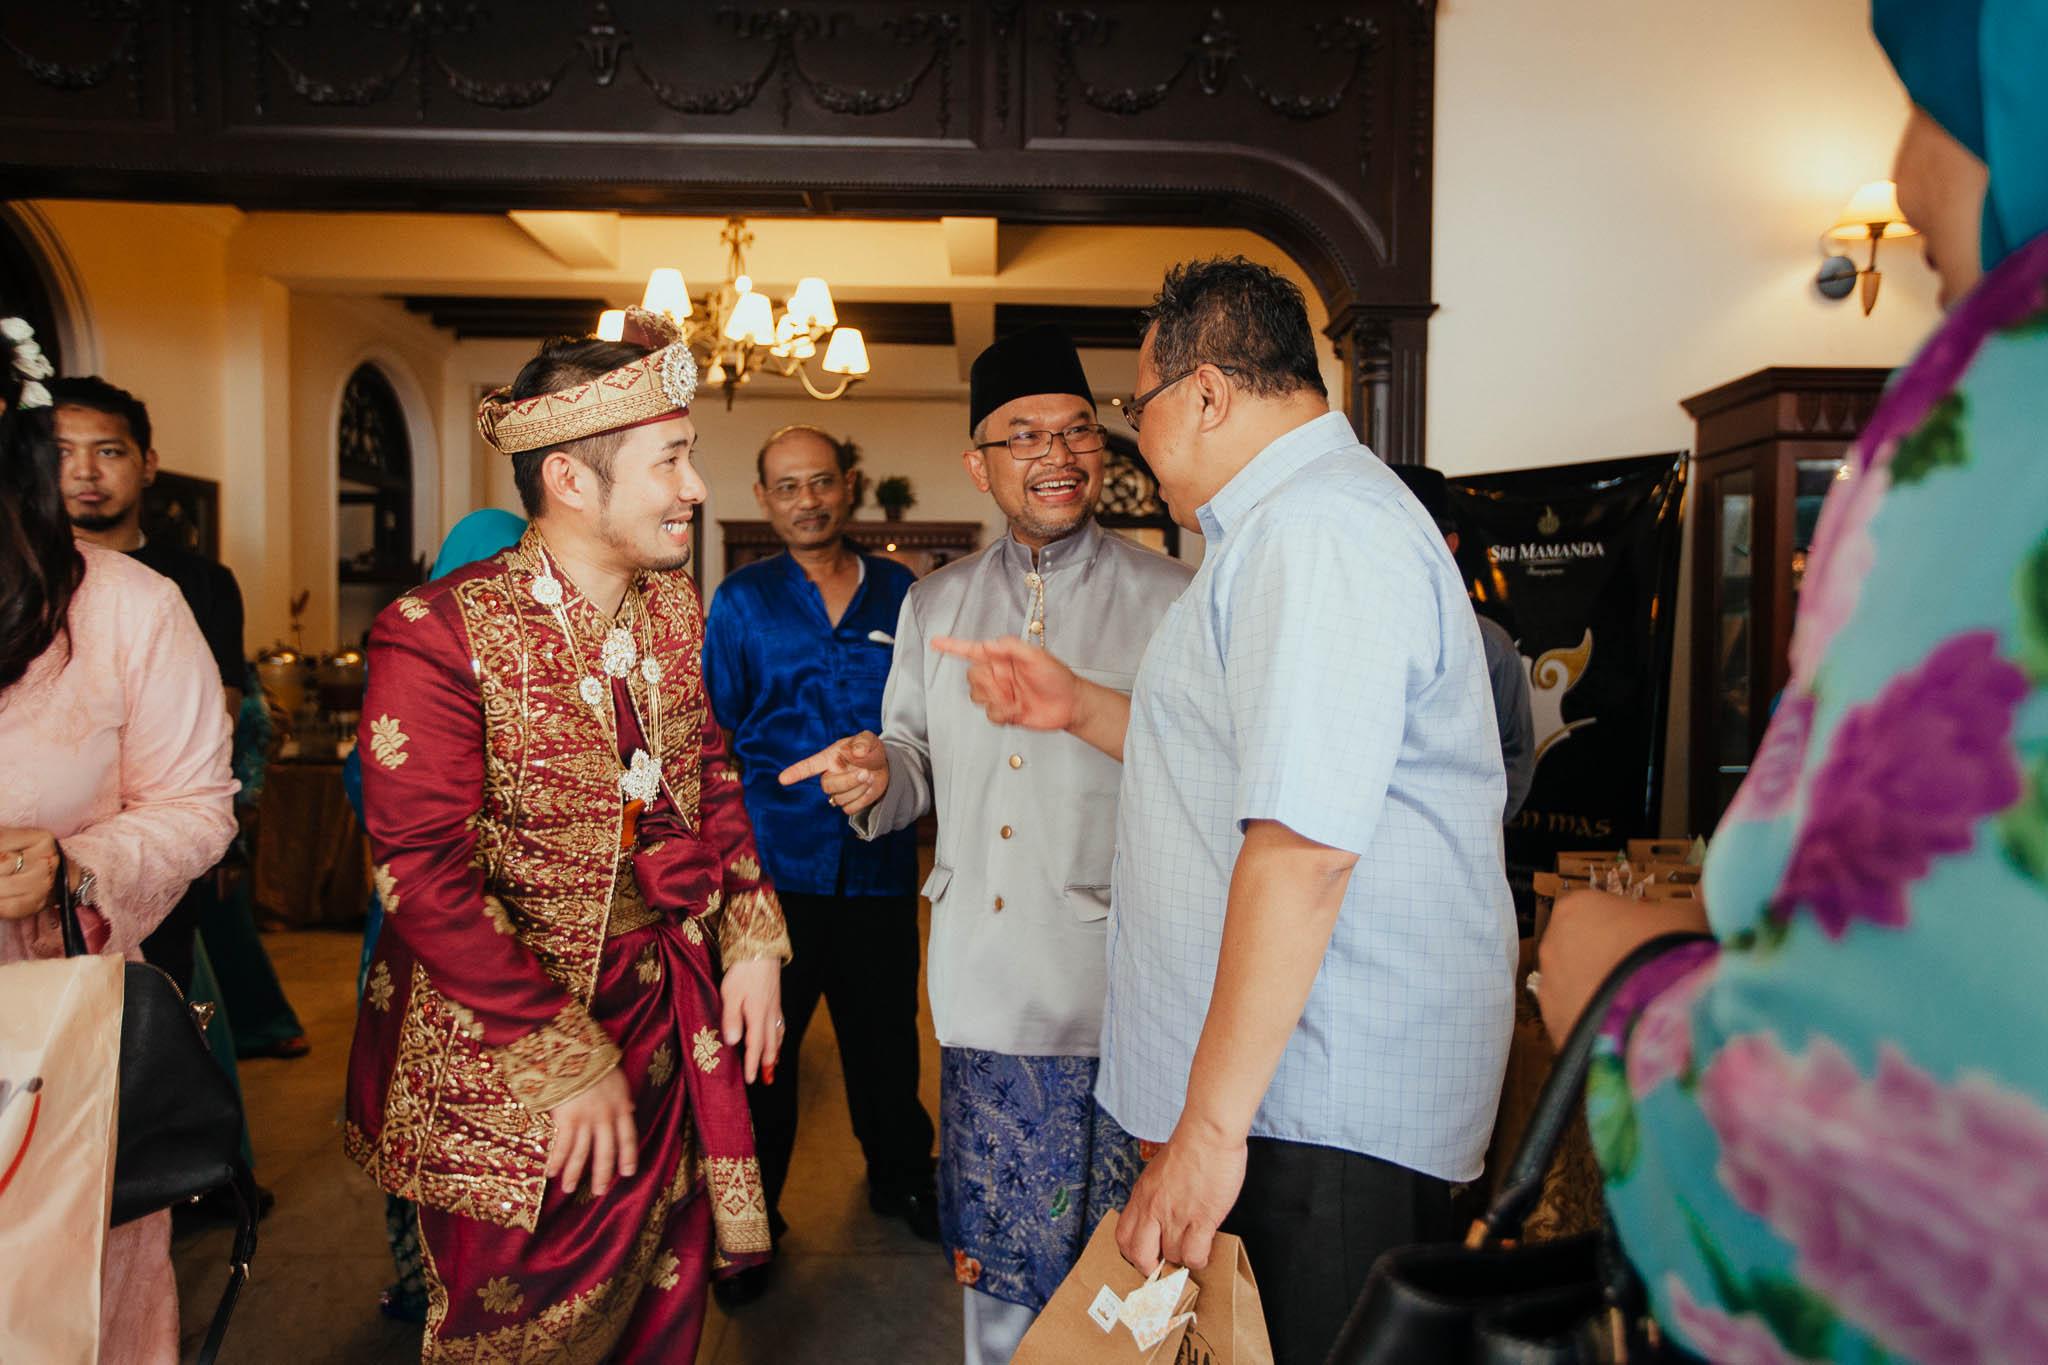 singapore-wedding-photographer-travel-wemadethese-atara-hafizah-58.jpg